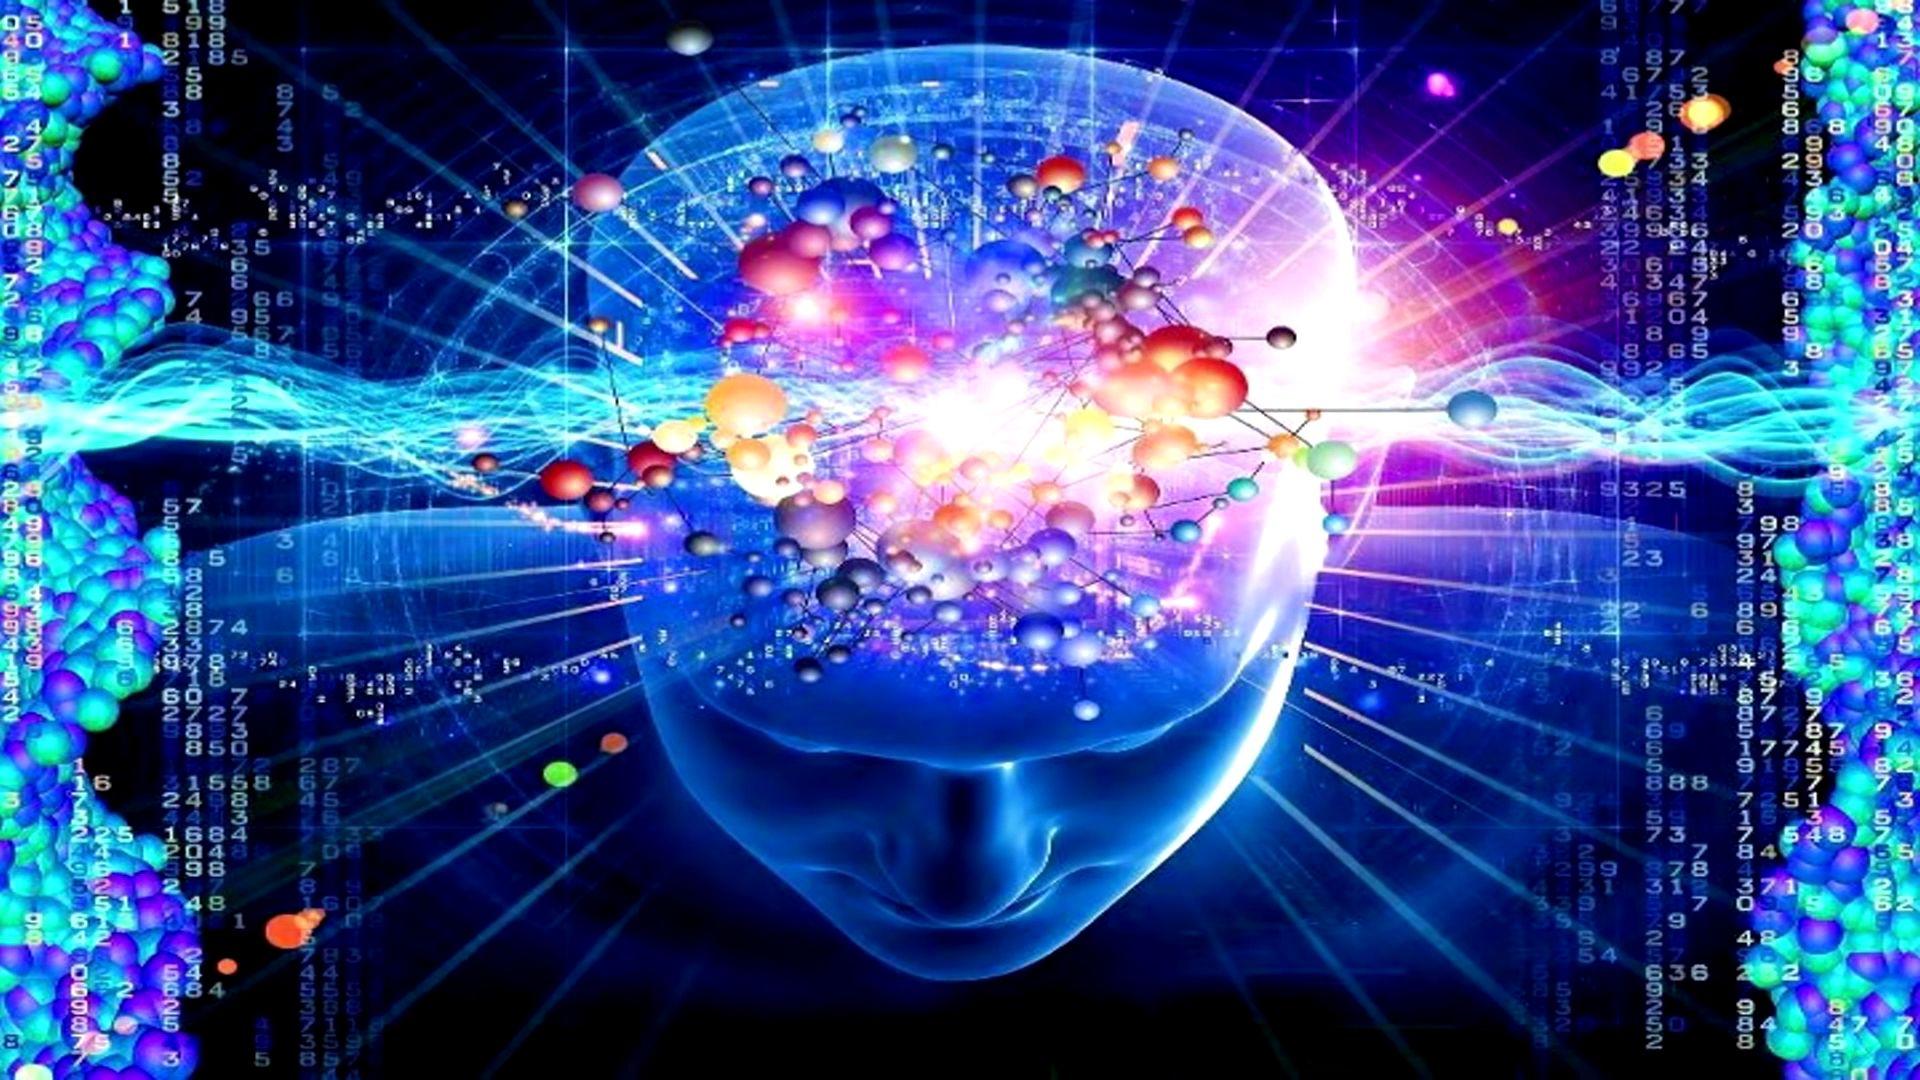 Brain full wallpaper